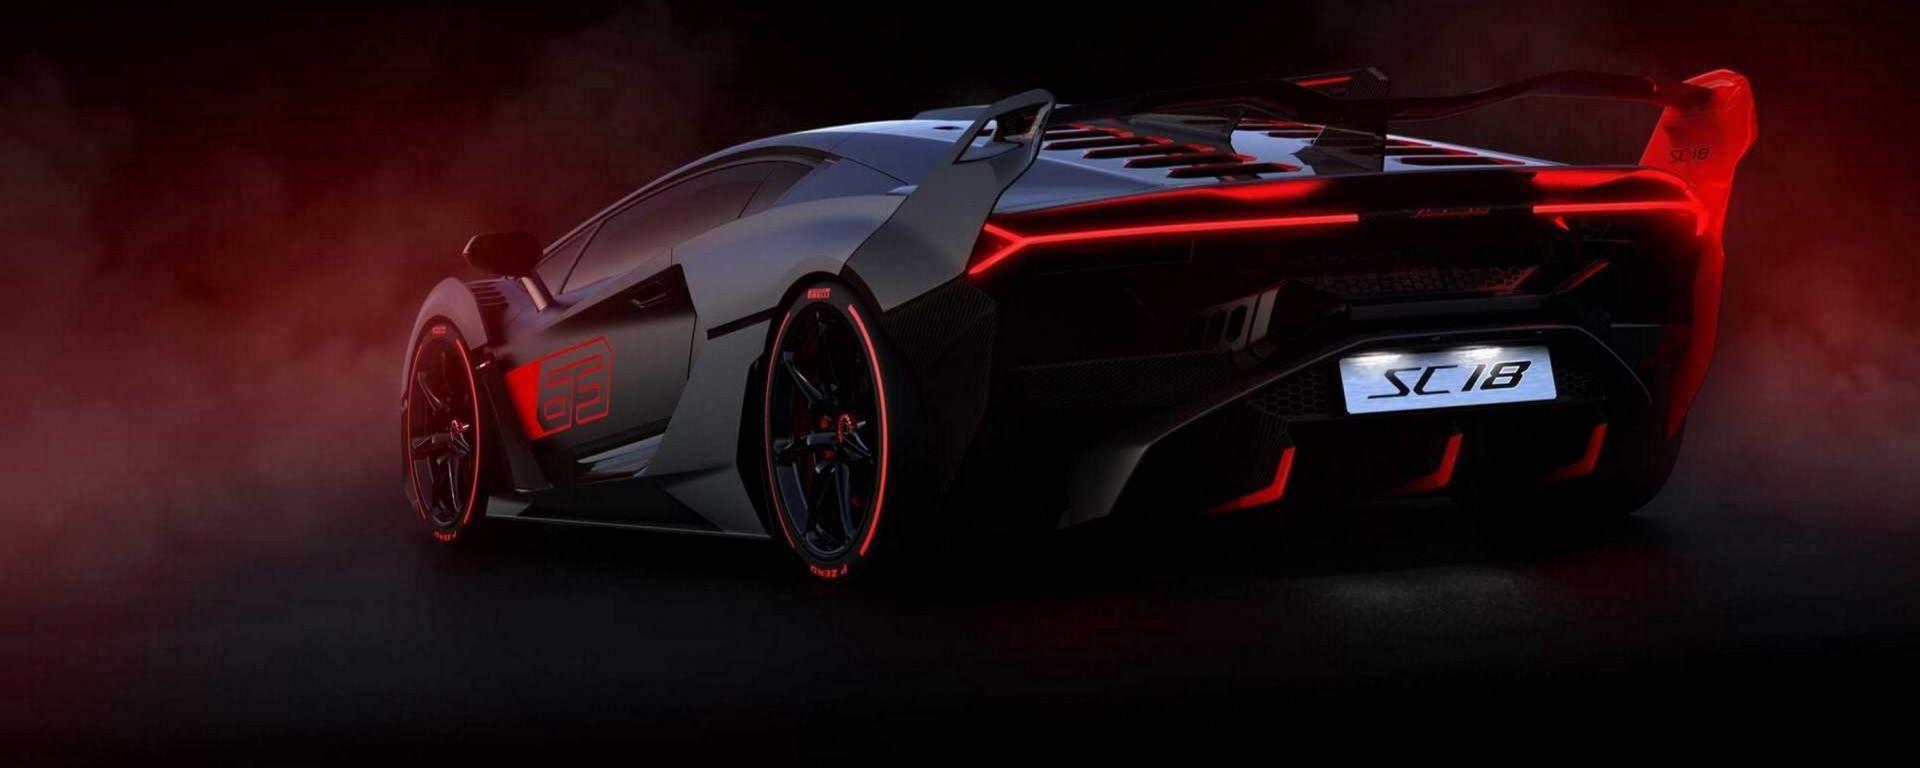 Lamborghini SC18 Alston: figlia della Squara Corse